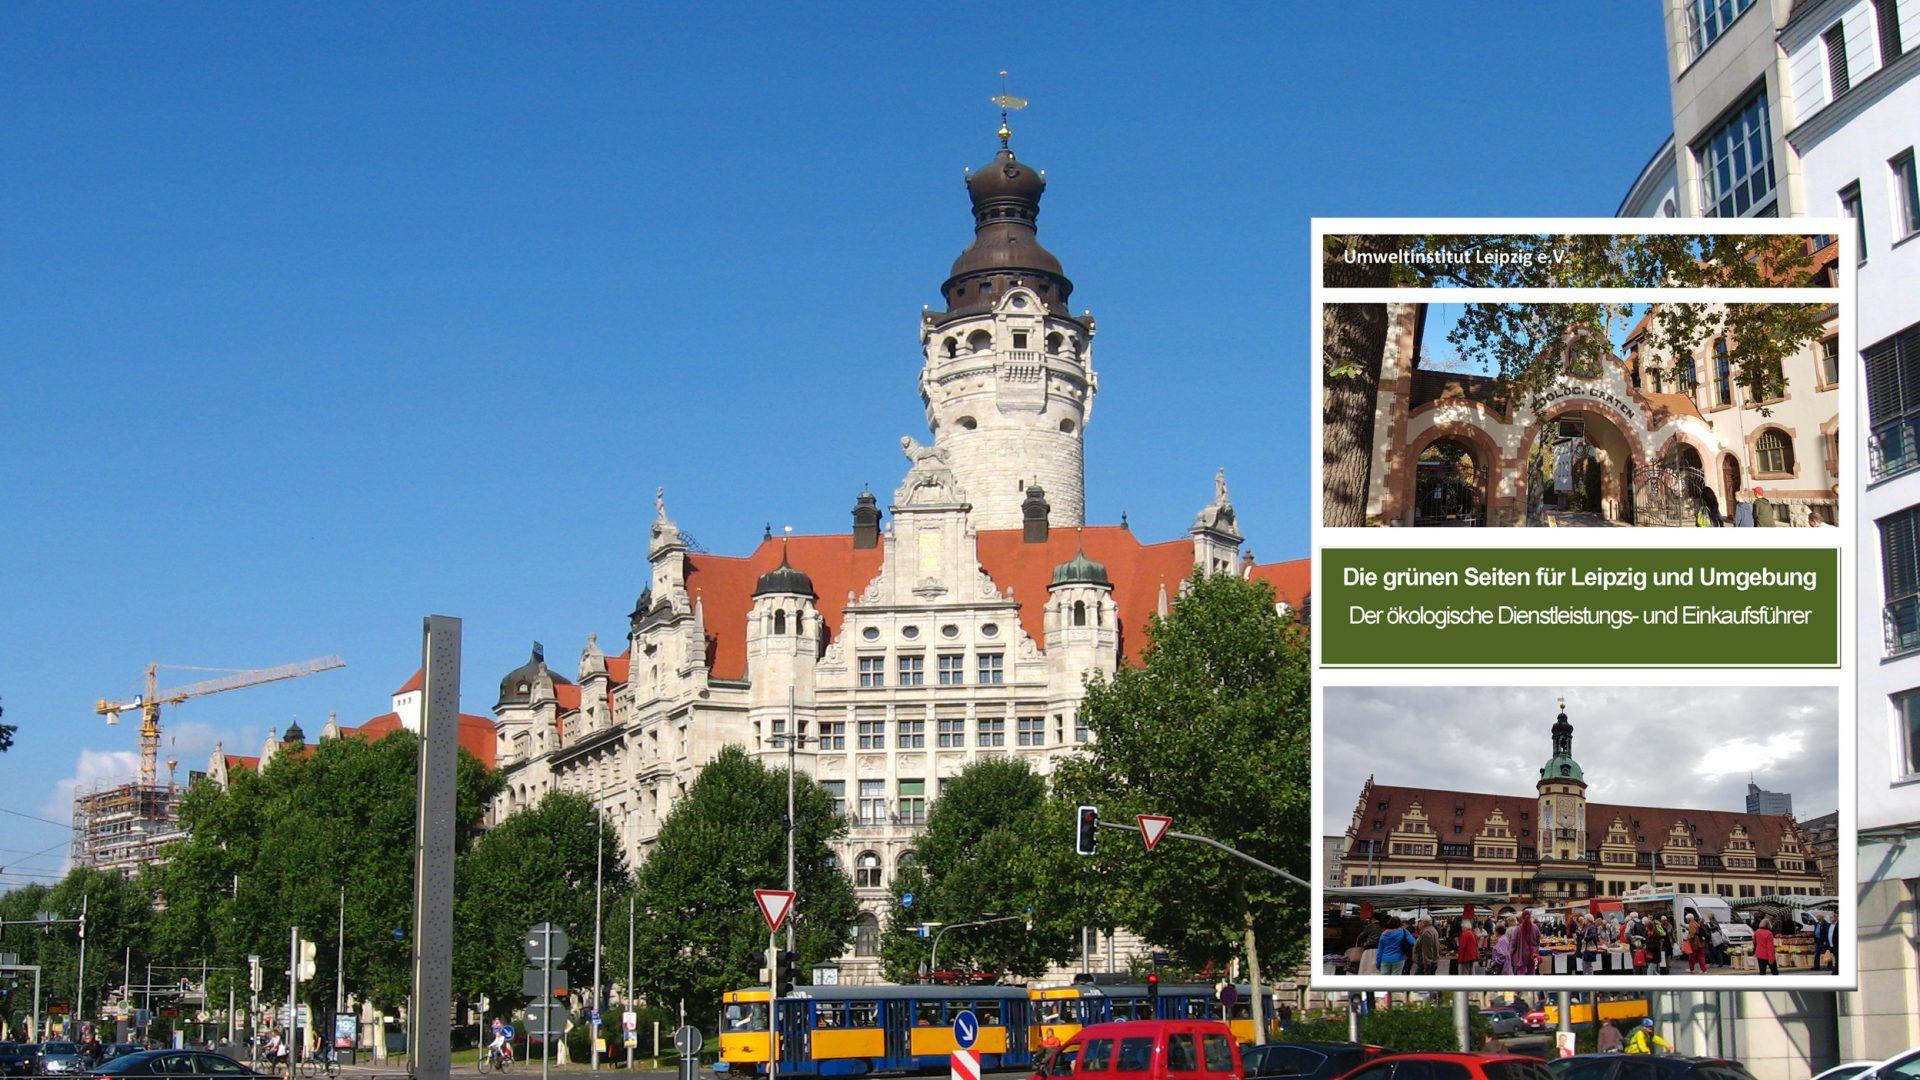 Die Grünen Seiten für Leipzig und Umgebung